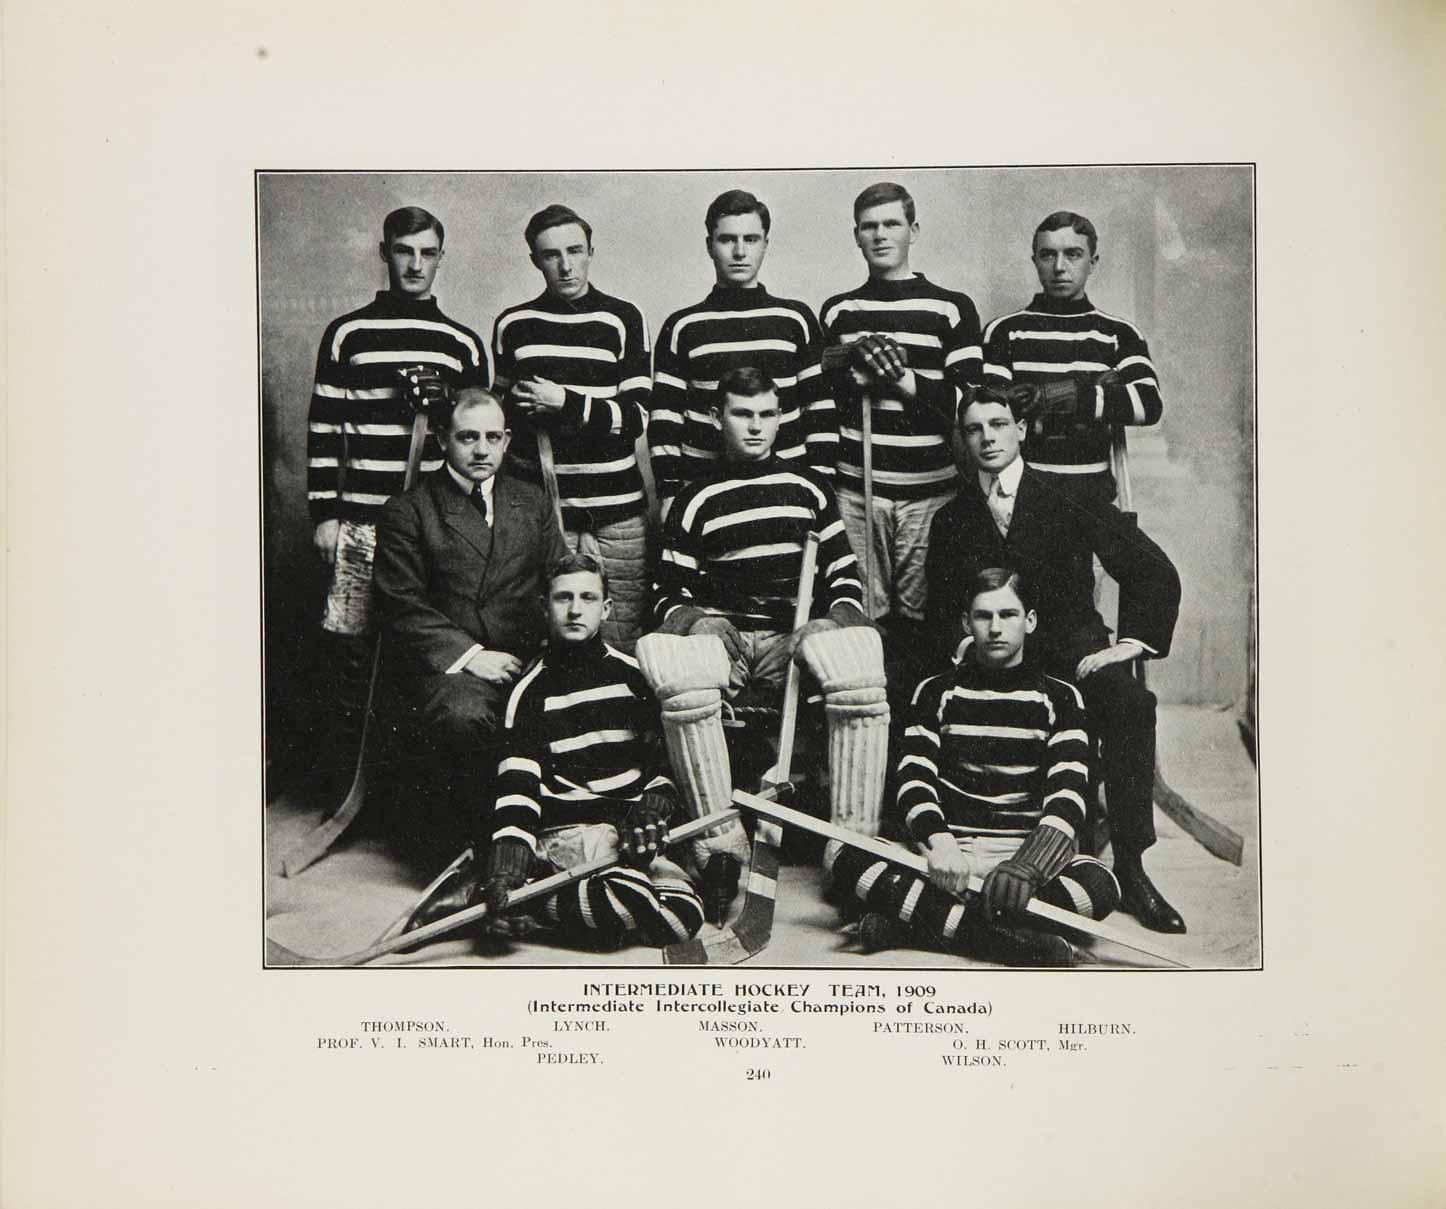 1908-09 Intermediate Intercollegiate